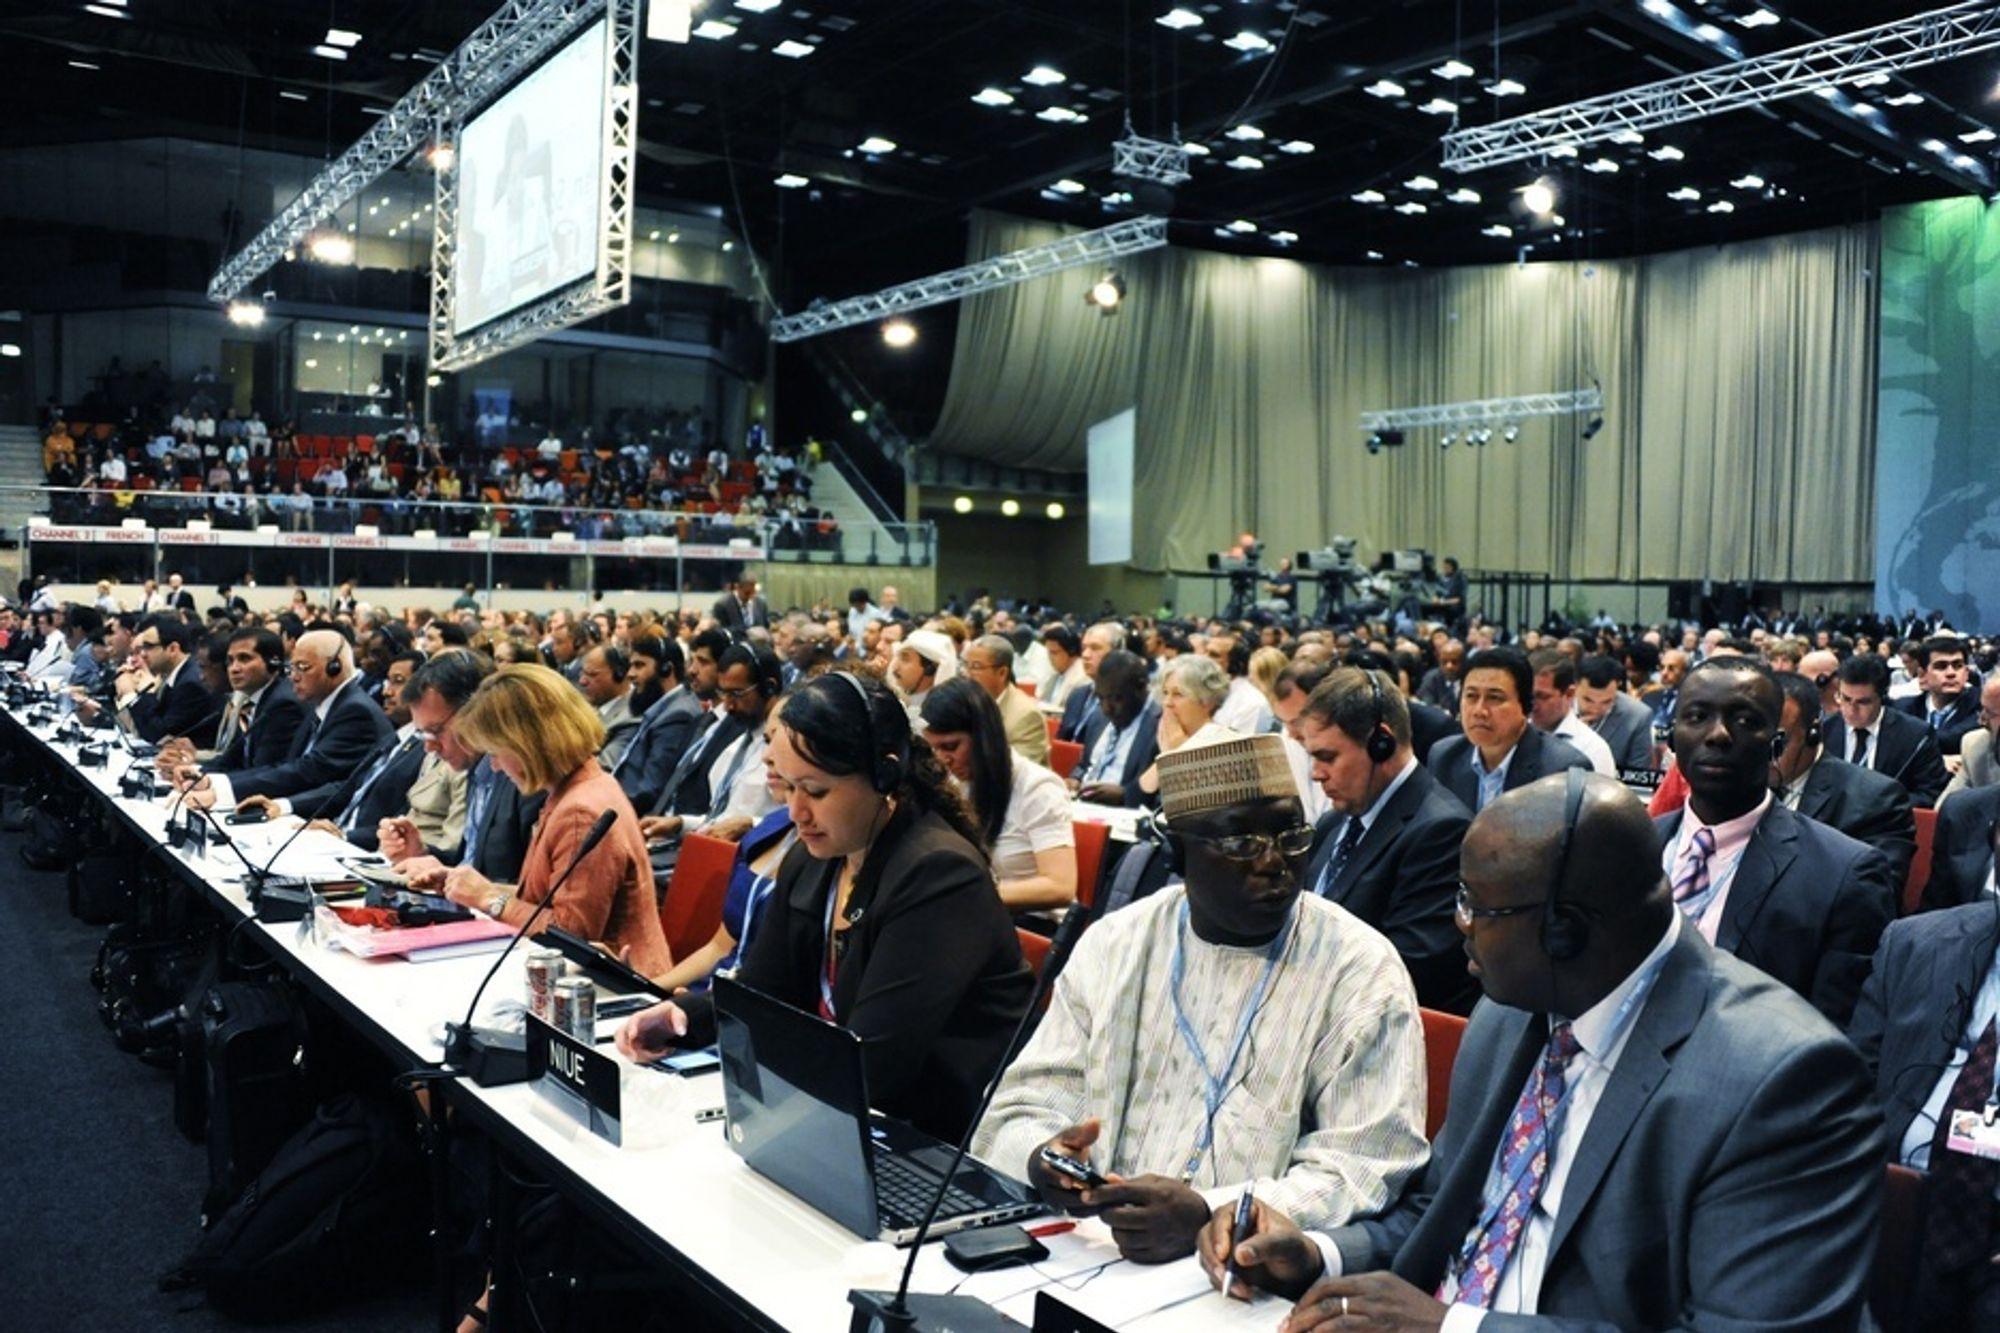 OBSERVATØR: Frem til 9. desember er utsendinger fra 200 land samlet i Sør-Afrika på FNs klimatoppmøte. Her har it-selskapet Steria og Olaf Thommessen fått rollen som observatør.